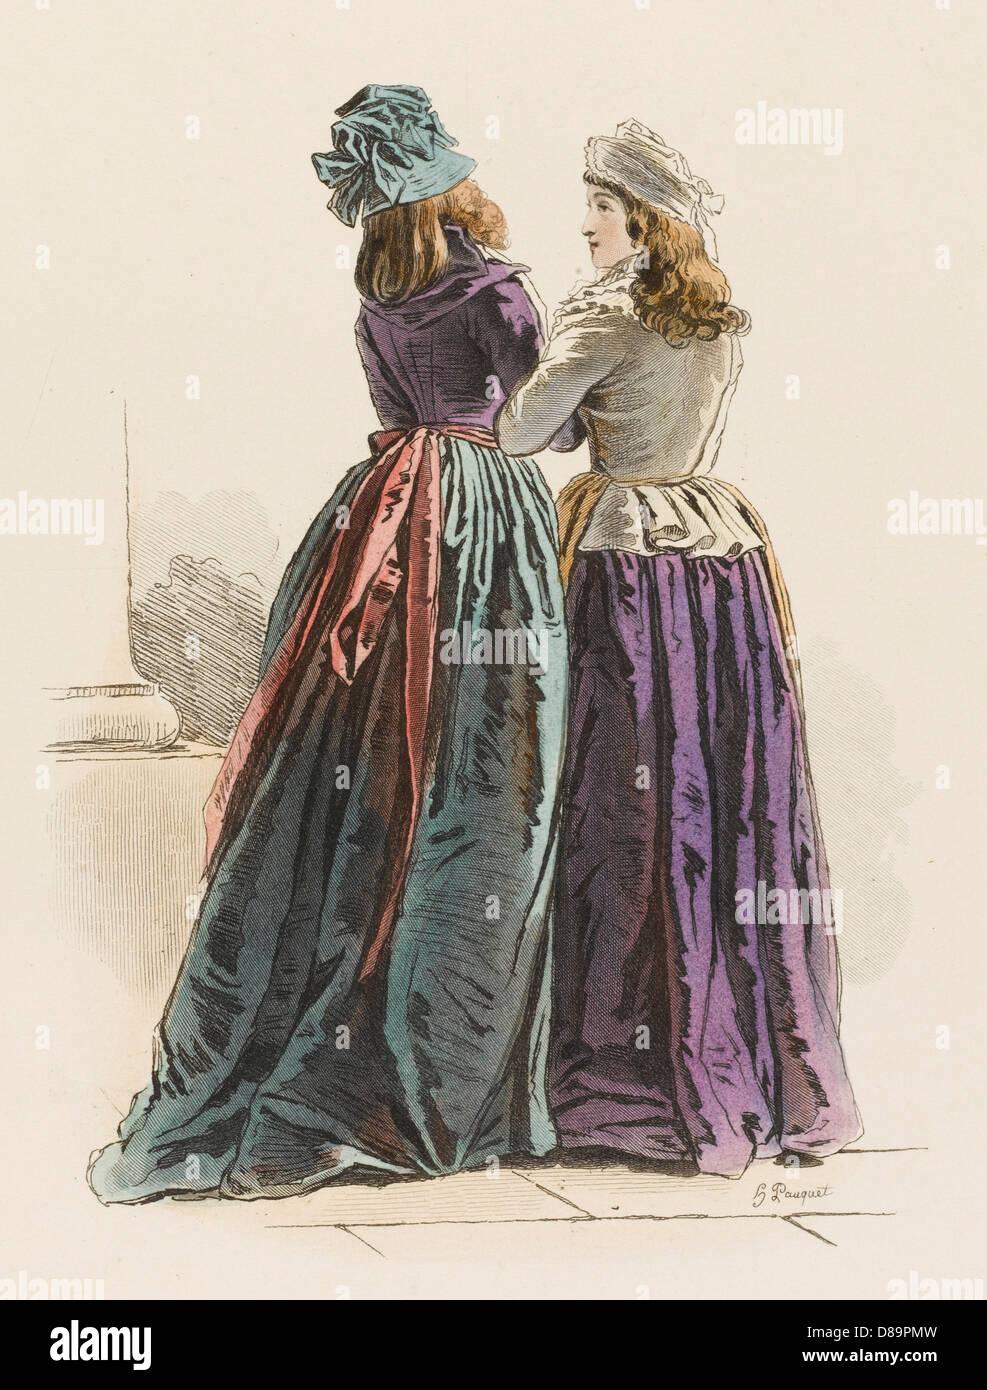 Frenchwomen 1793 - Stock Image